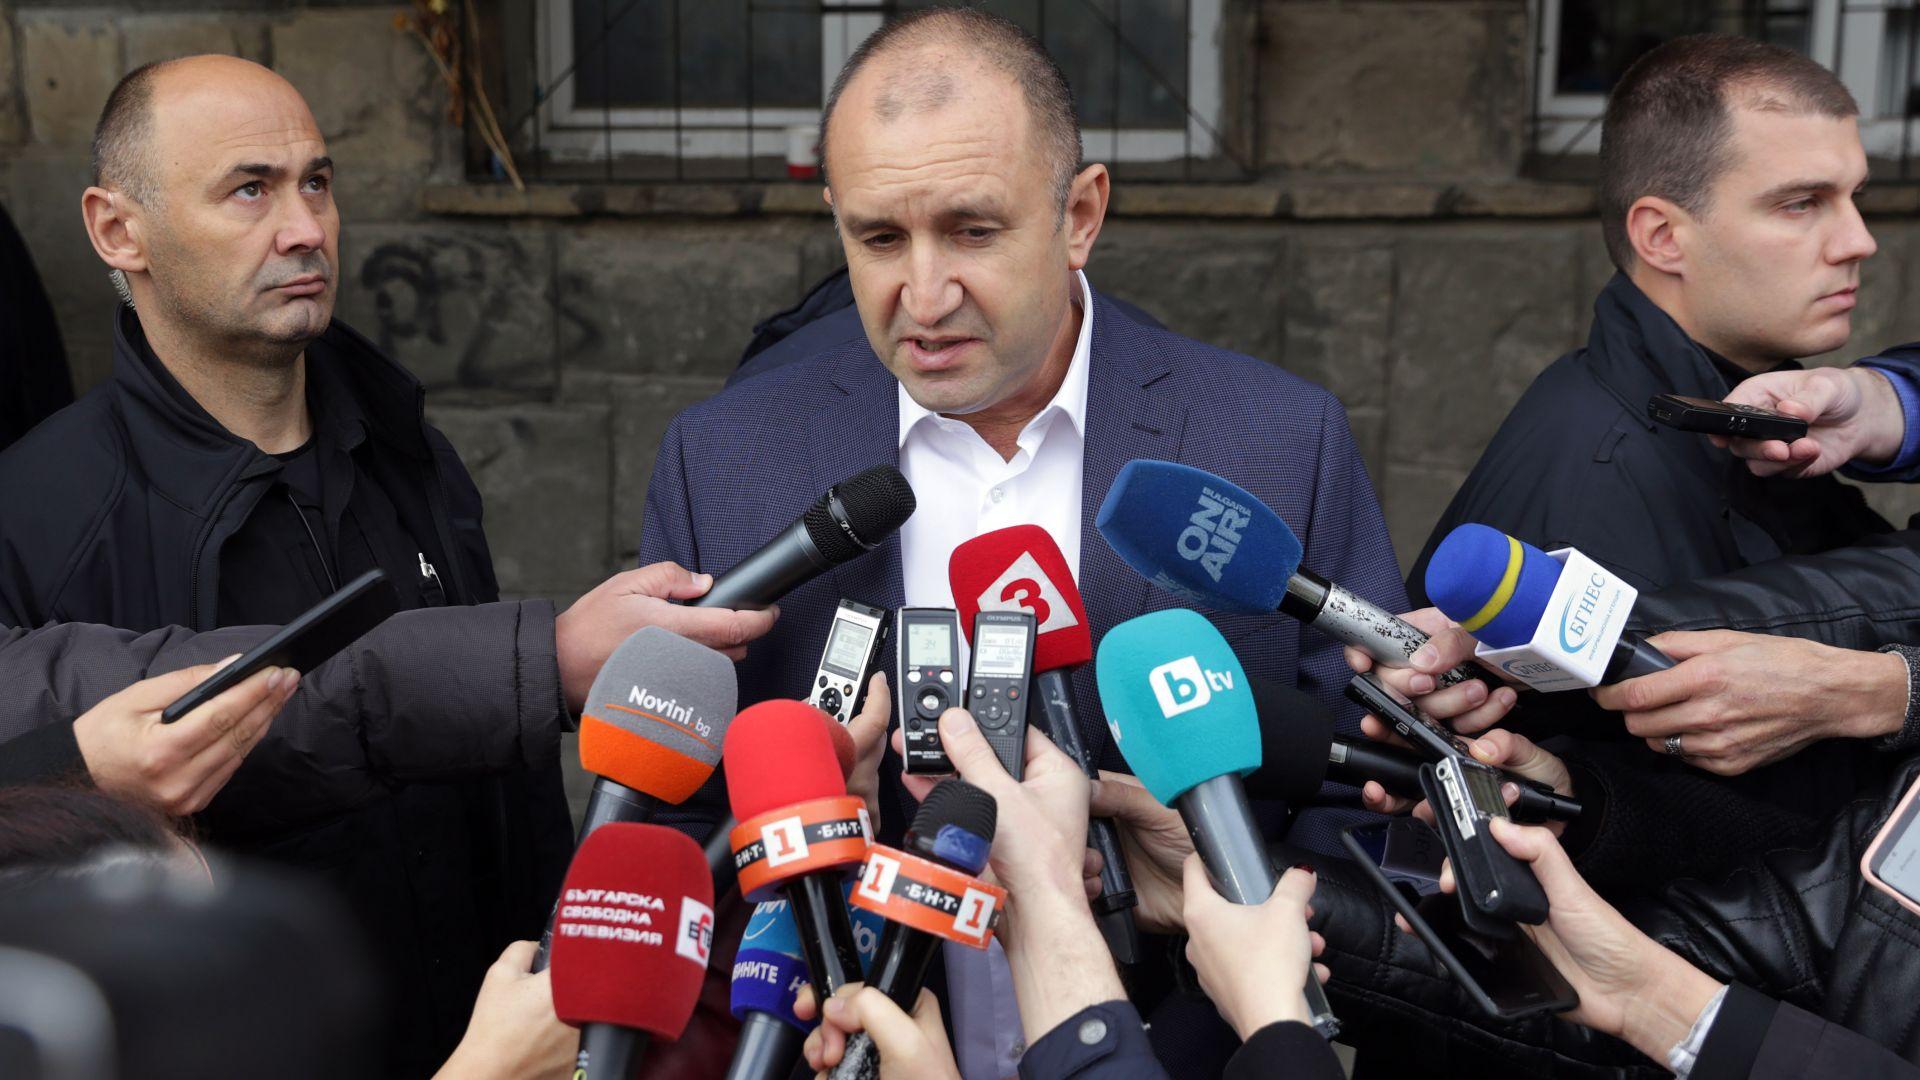 Радев предупреди Макрон, че няма да стане европейски лидер с чертаене на разделителни линии